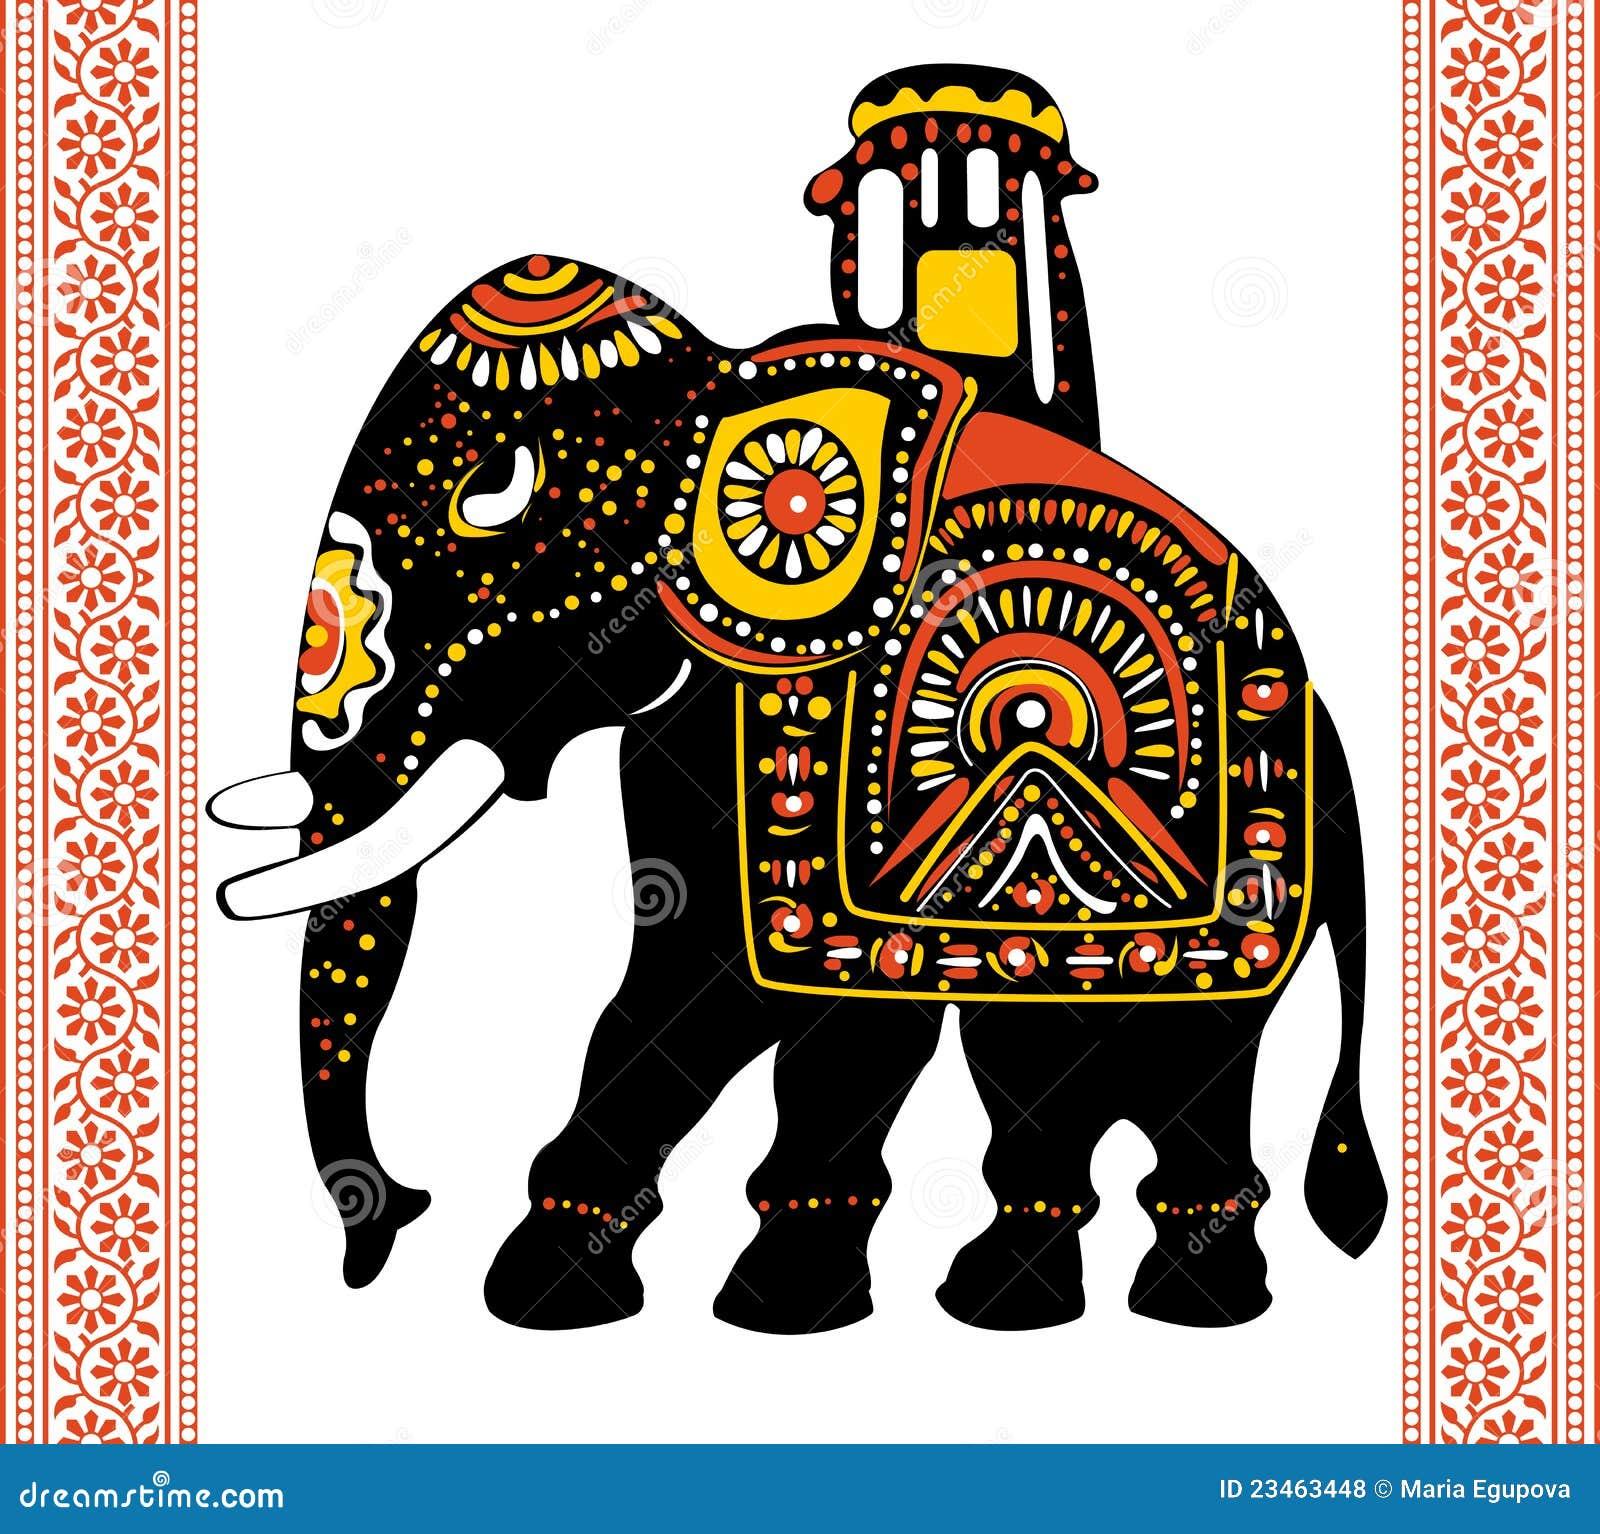 Festive Indian Elephant Royalty Free Stock Photos - Image: 23463448